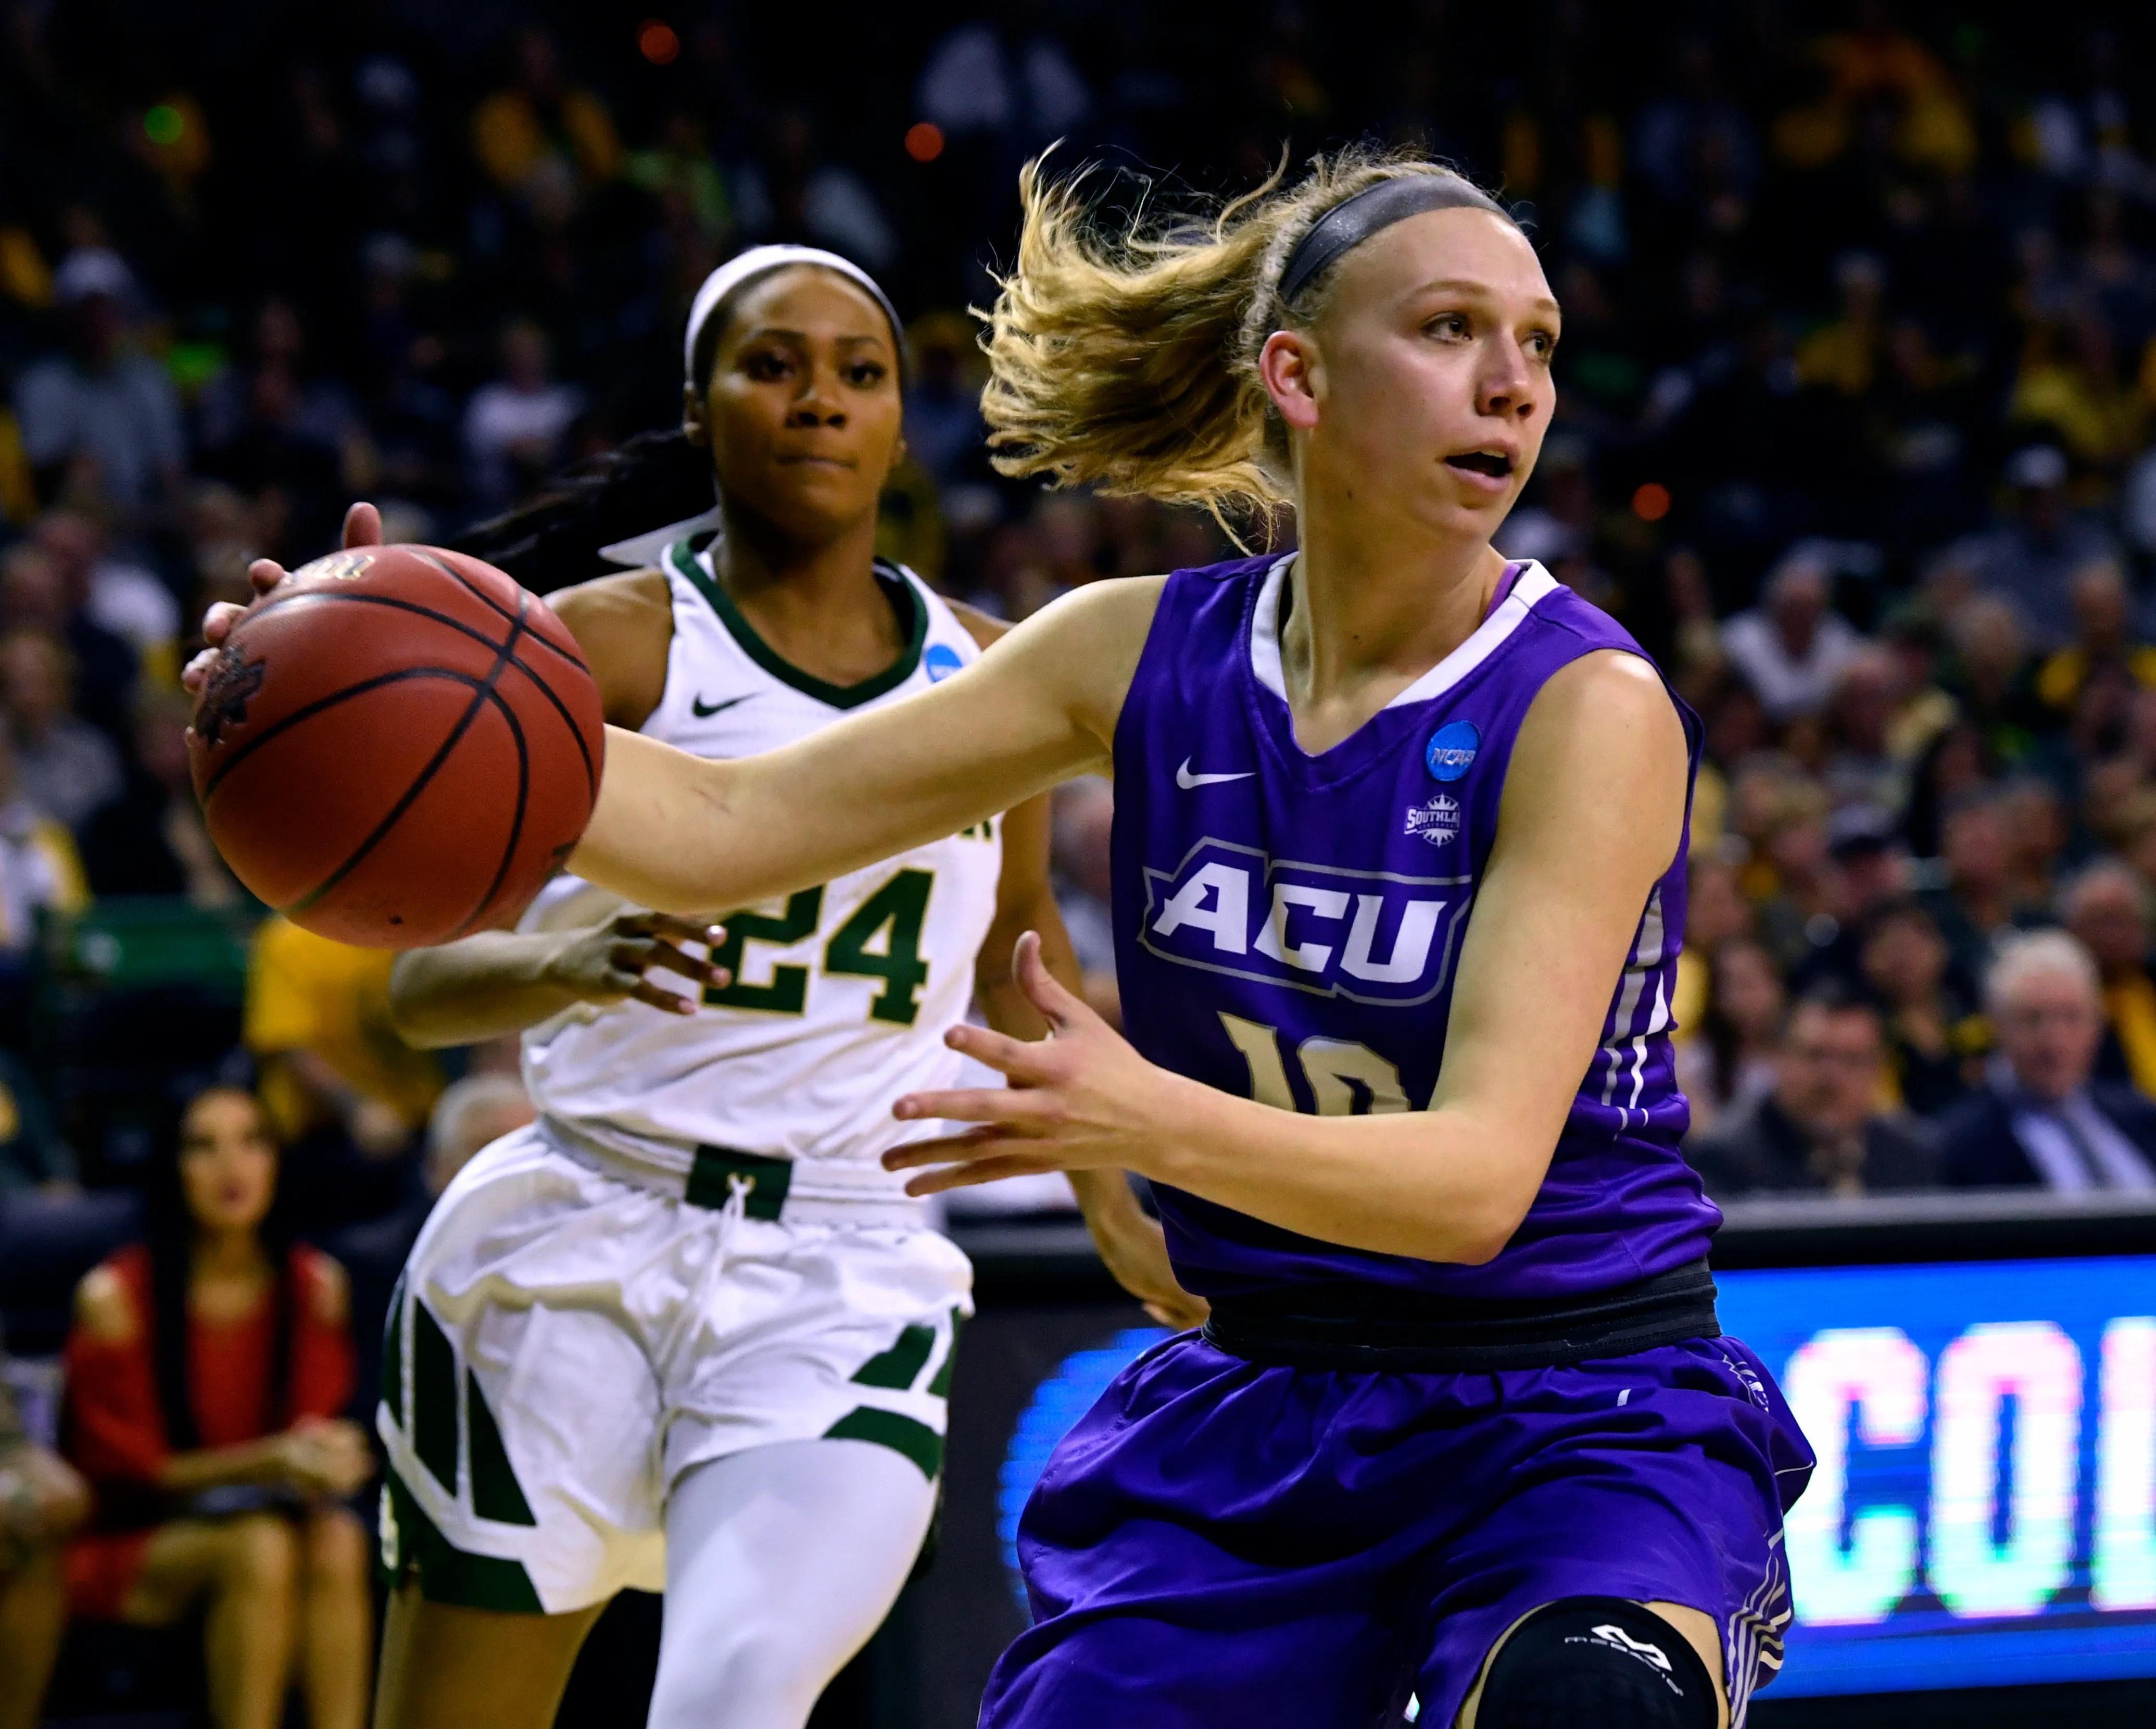 Top-ranked Baylor throttles Abilene Christian in women's ...